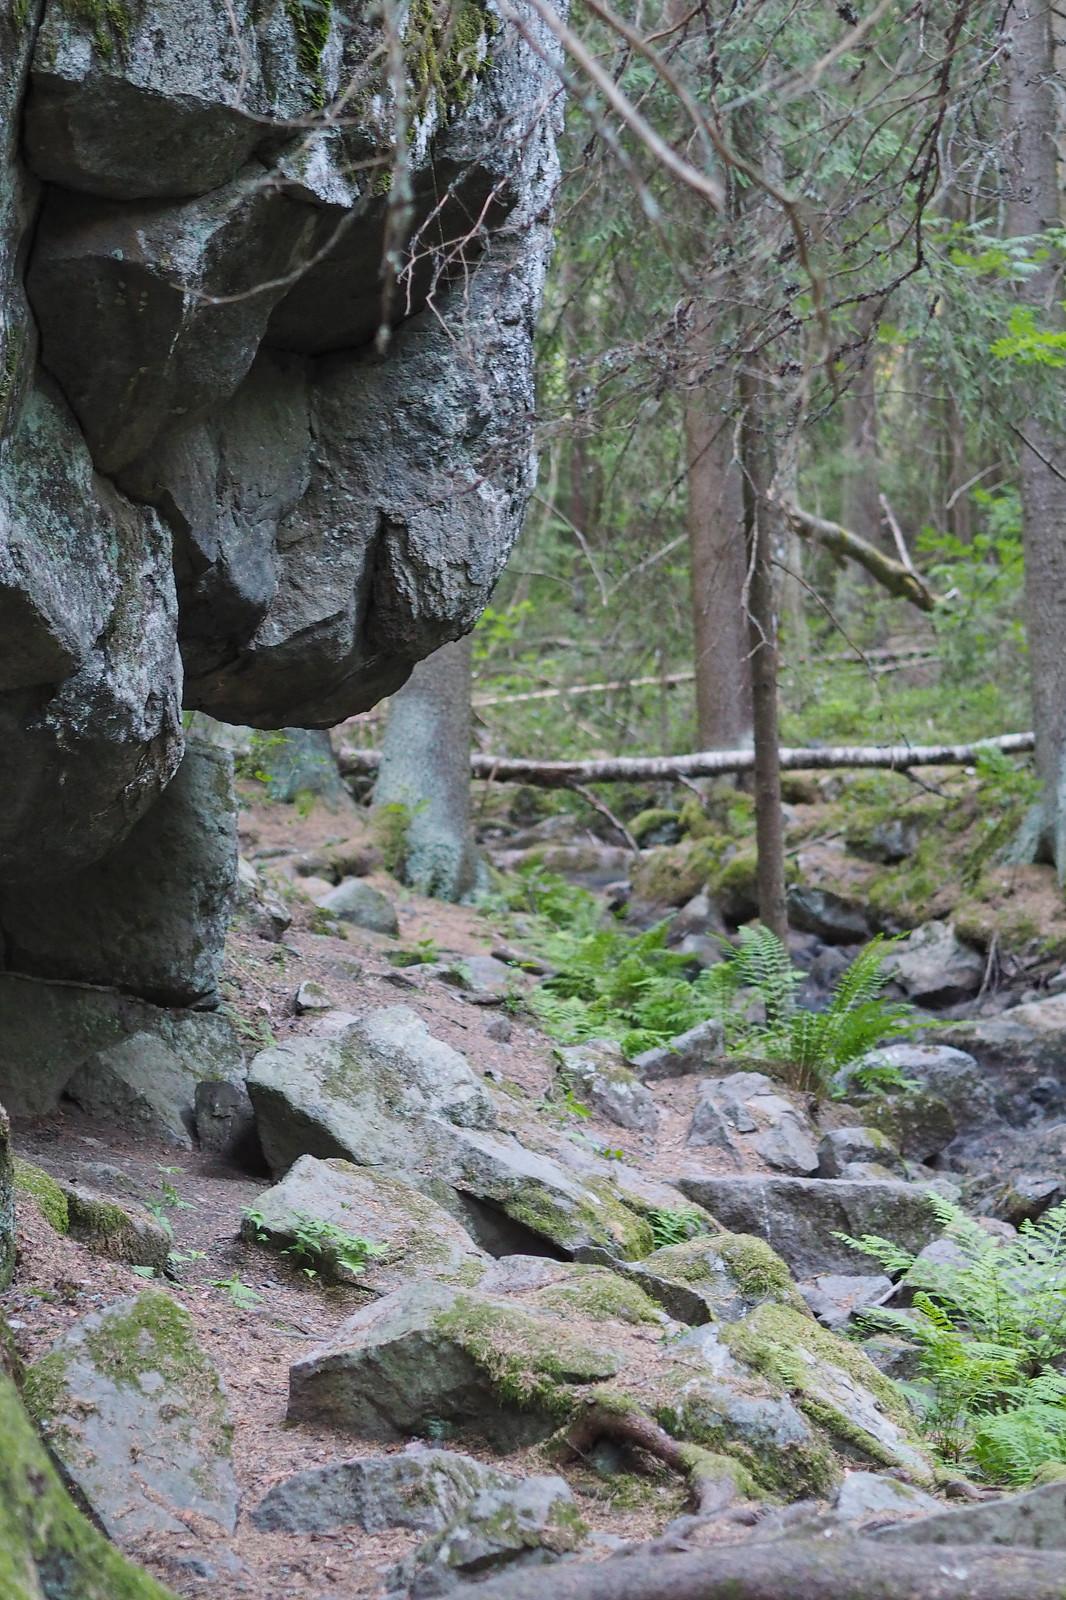 halimasjärvi luonnonsuojelualue